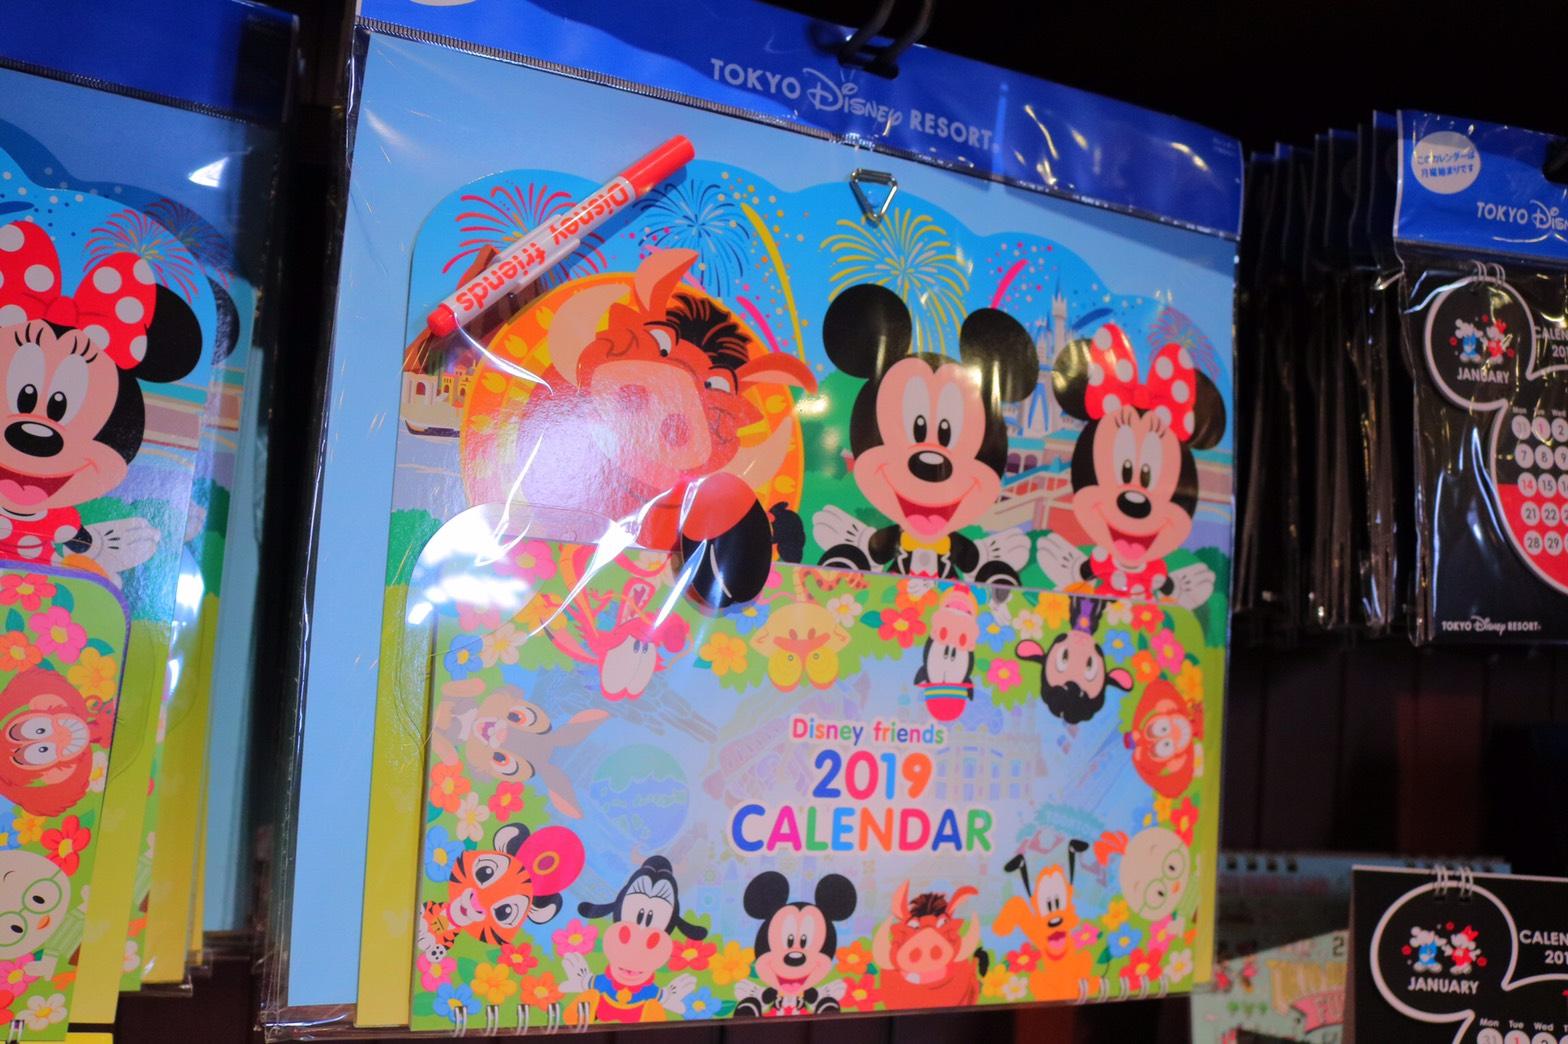 来年もディズニーの仲間と一緒!東京ディズニーリゾート2019年カレンダー